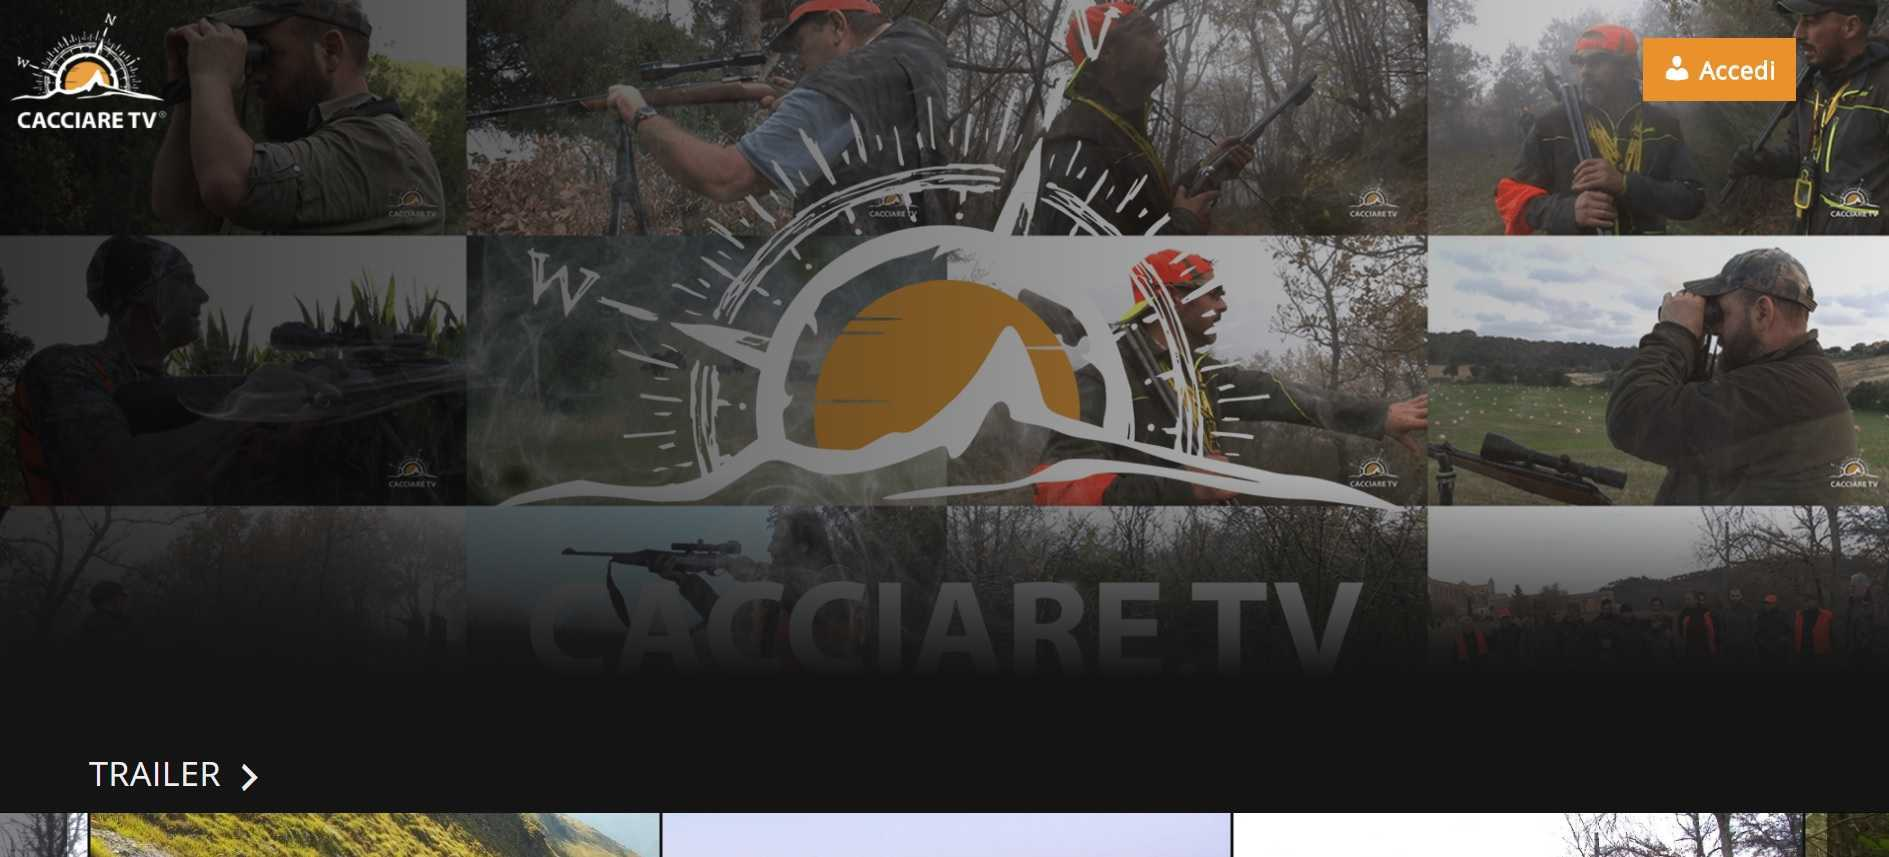 Cacciare Tv ibiza web